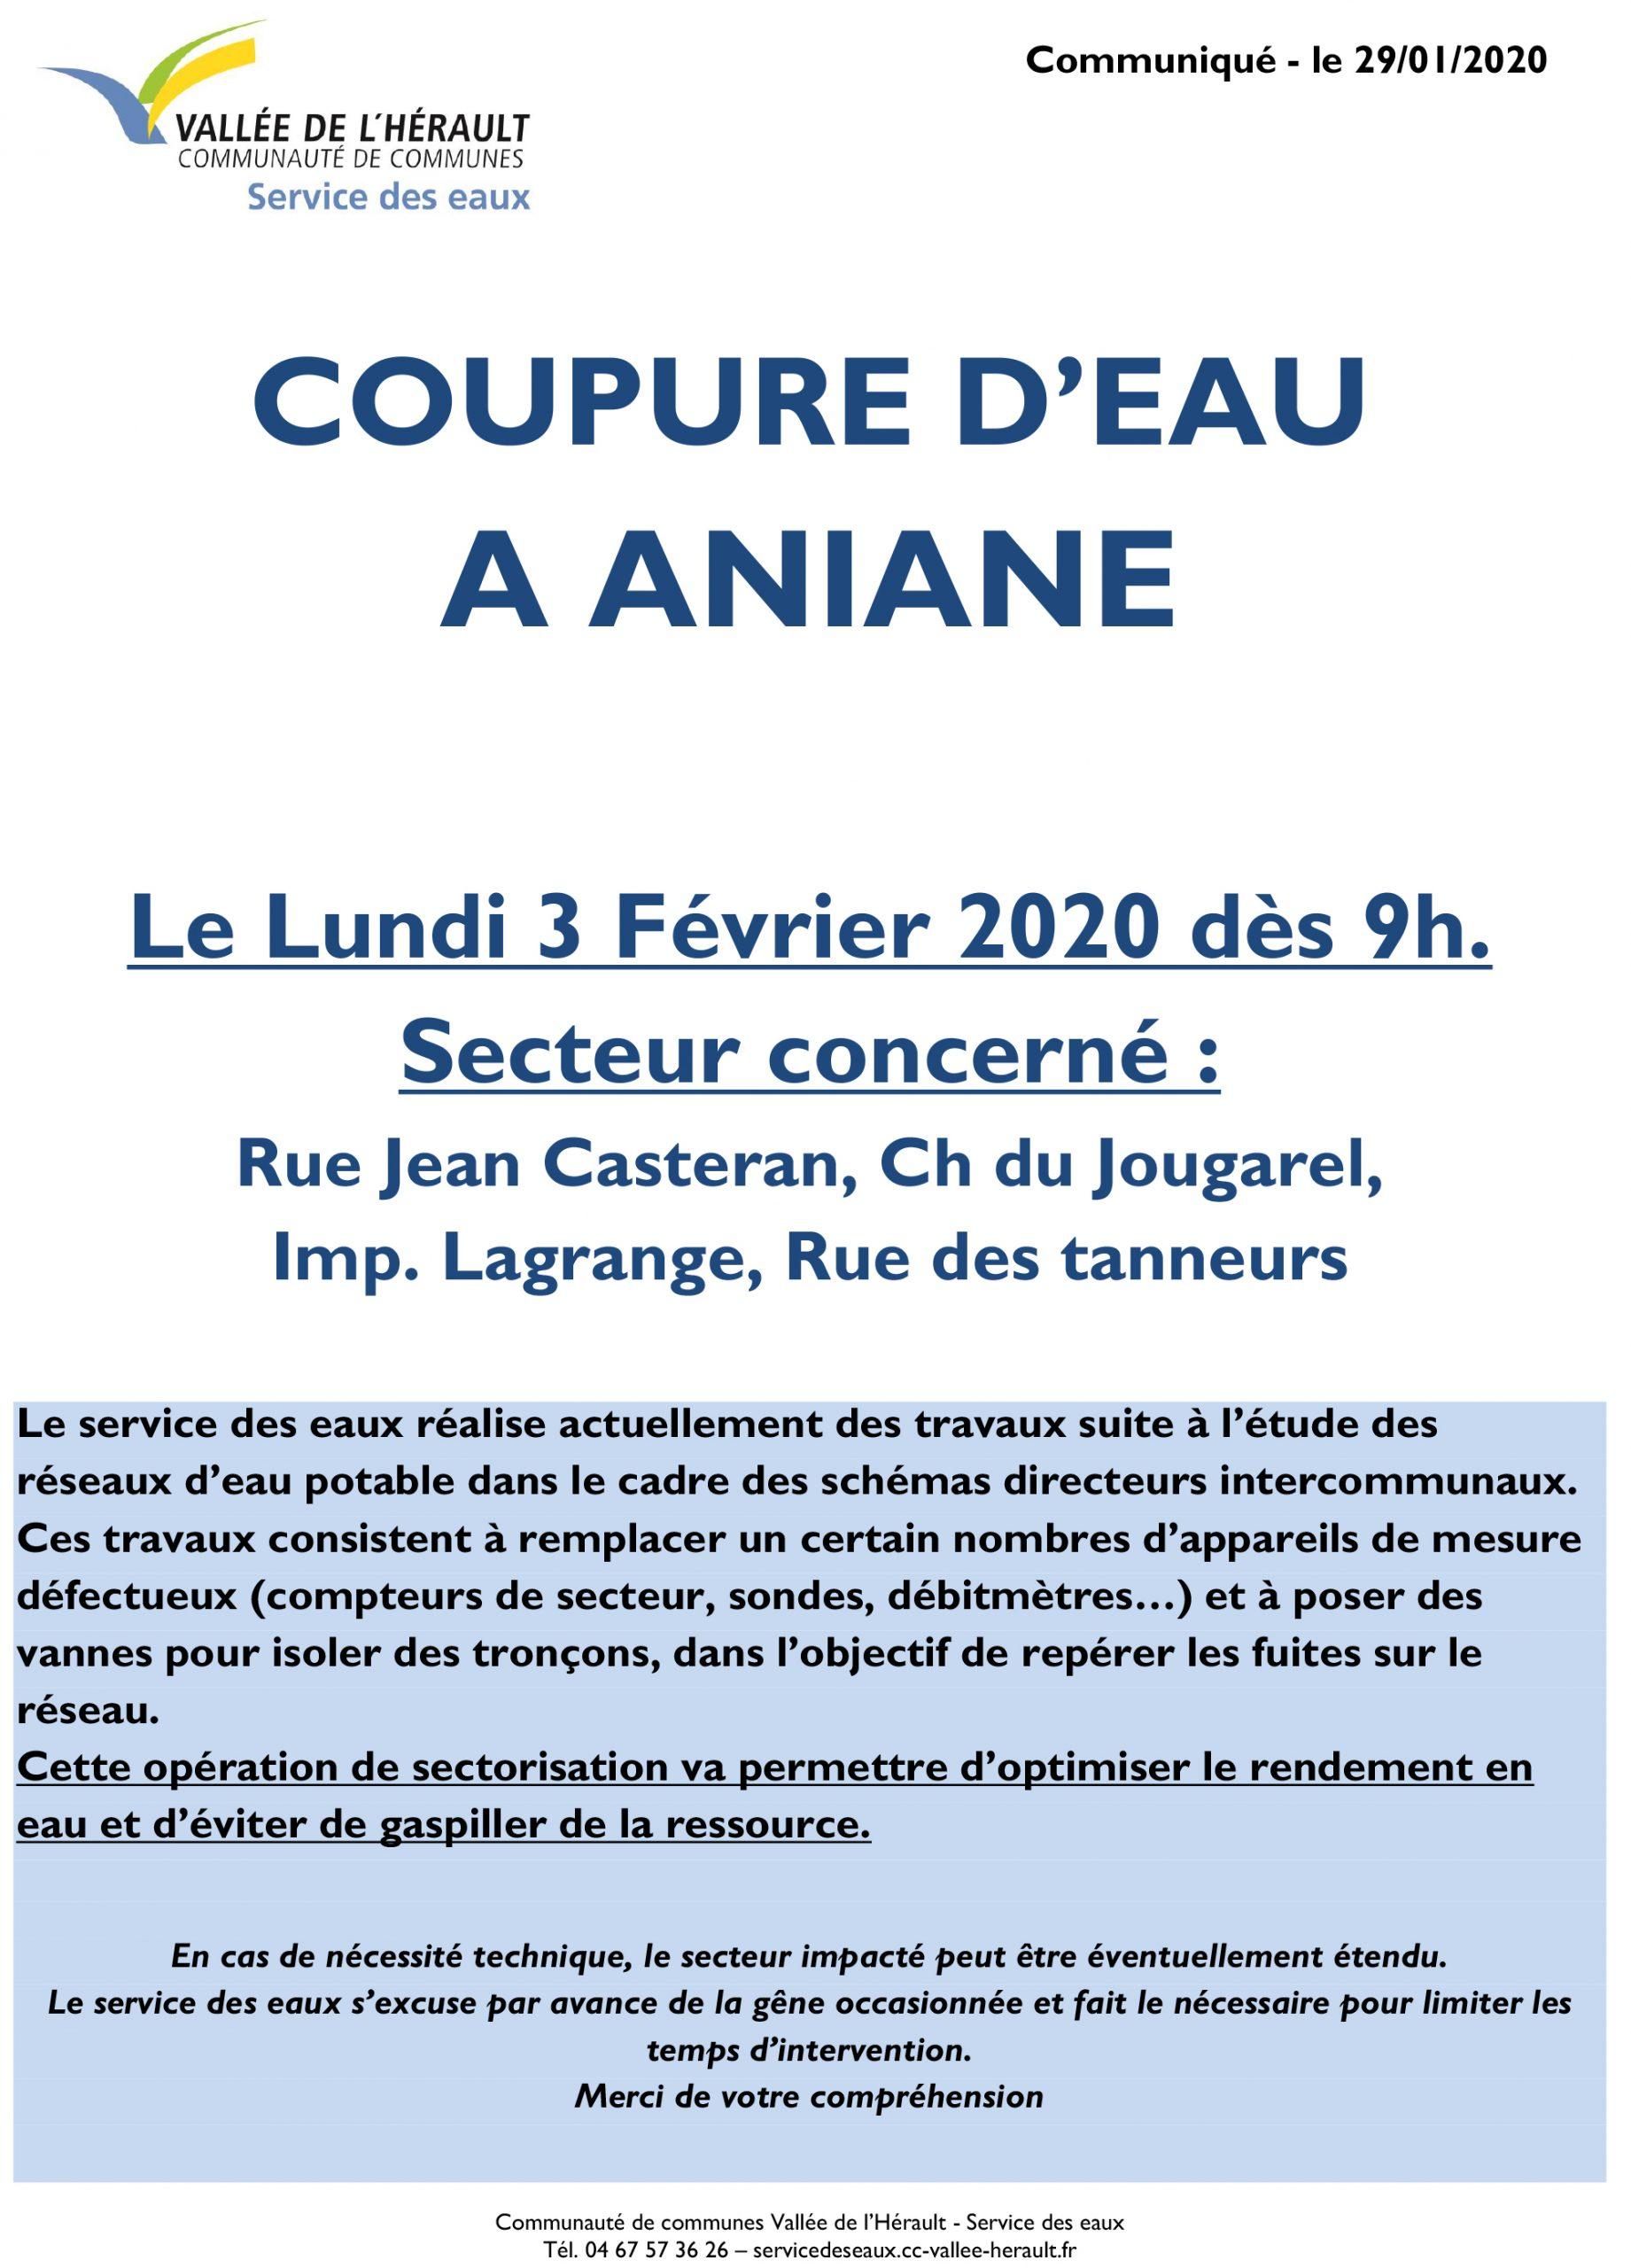 Communiqué Coupure eau 3 02 20 Aniane